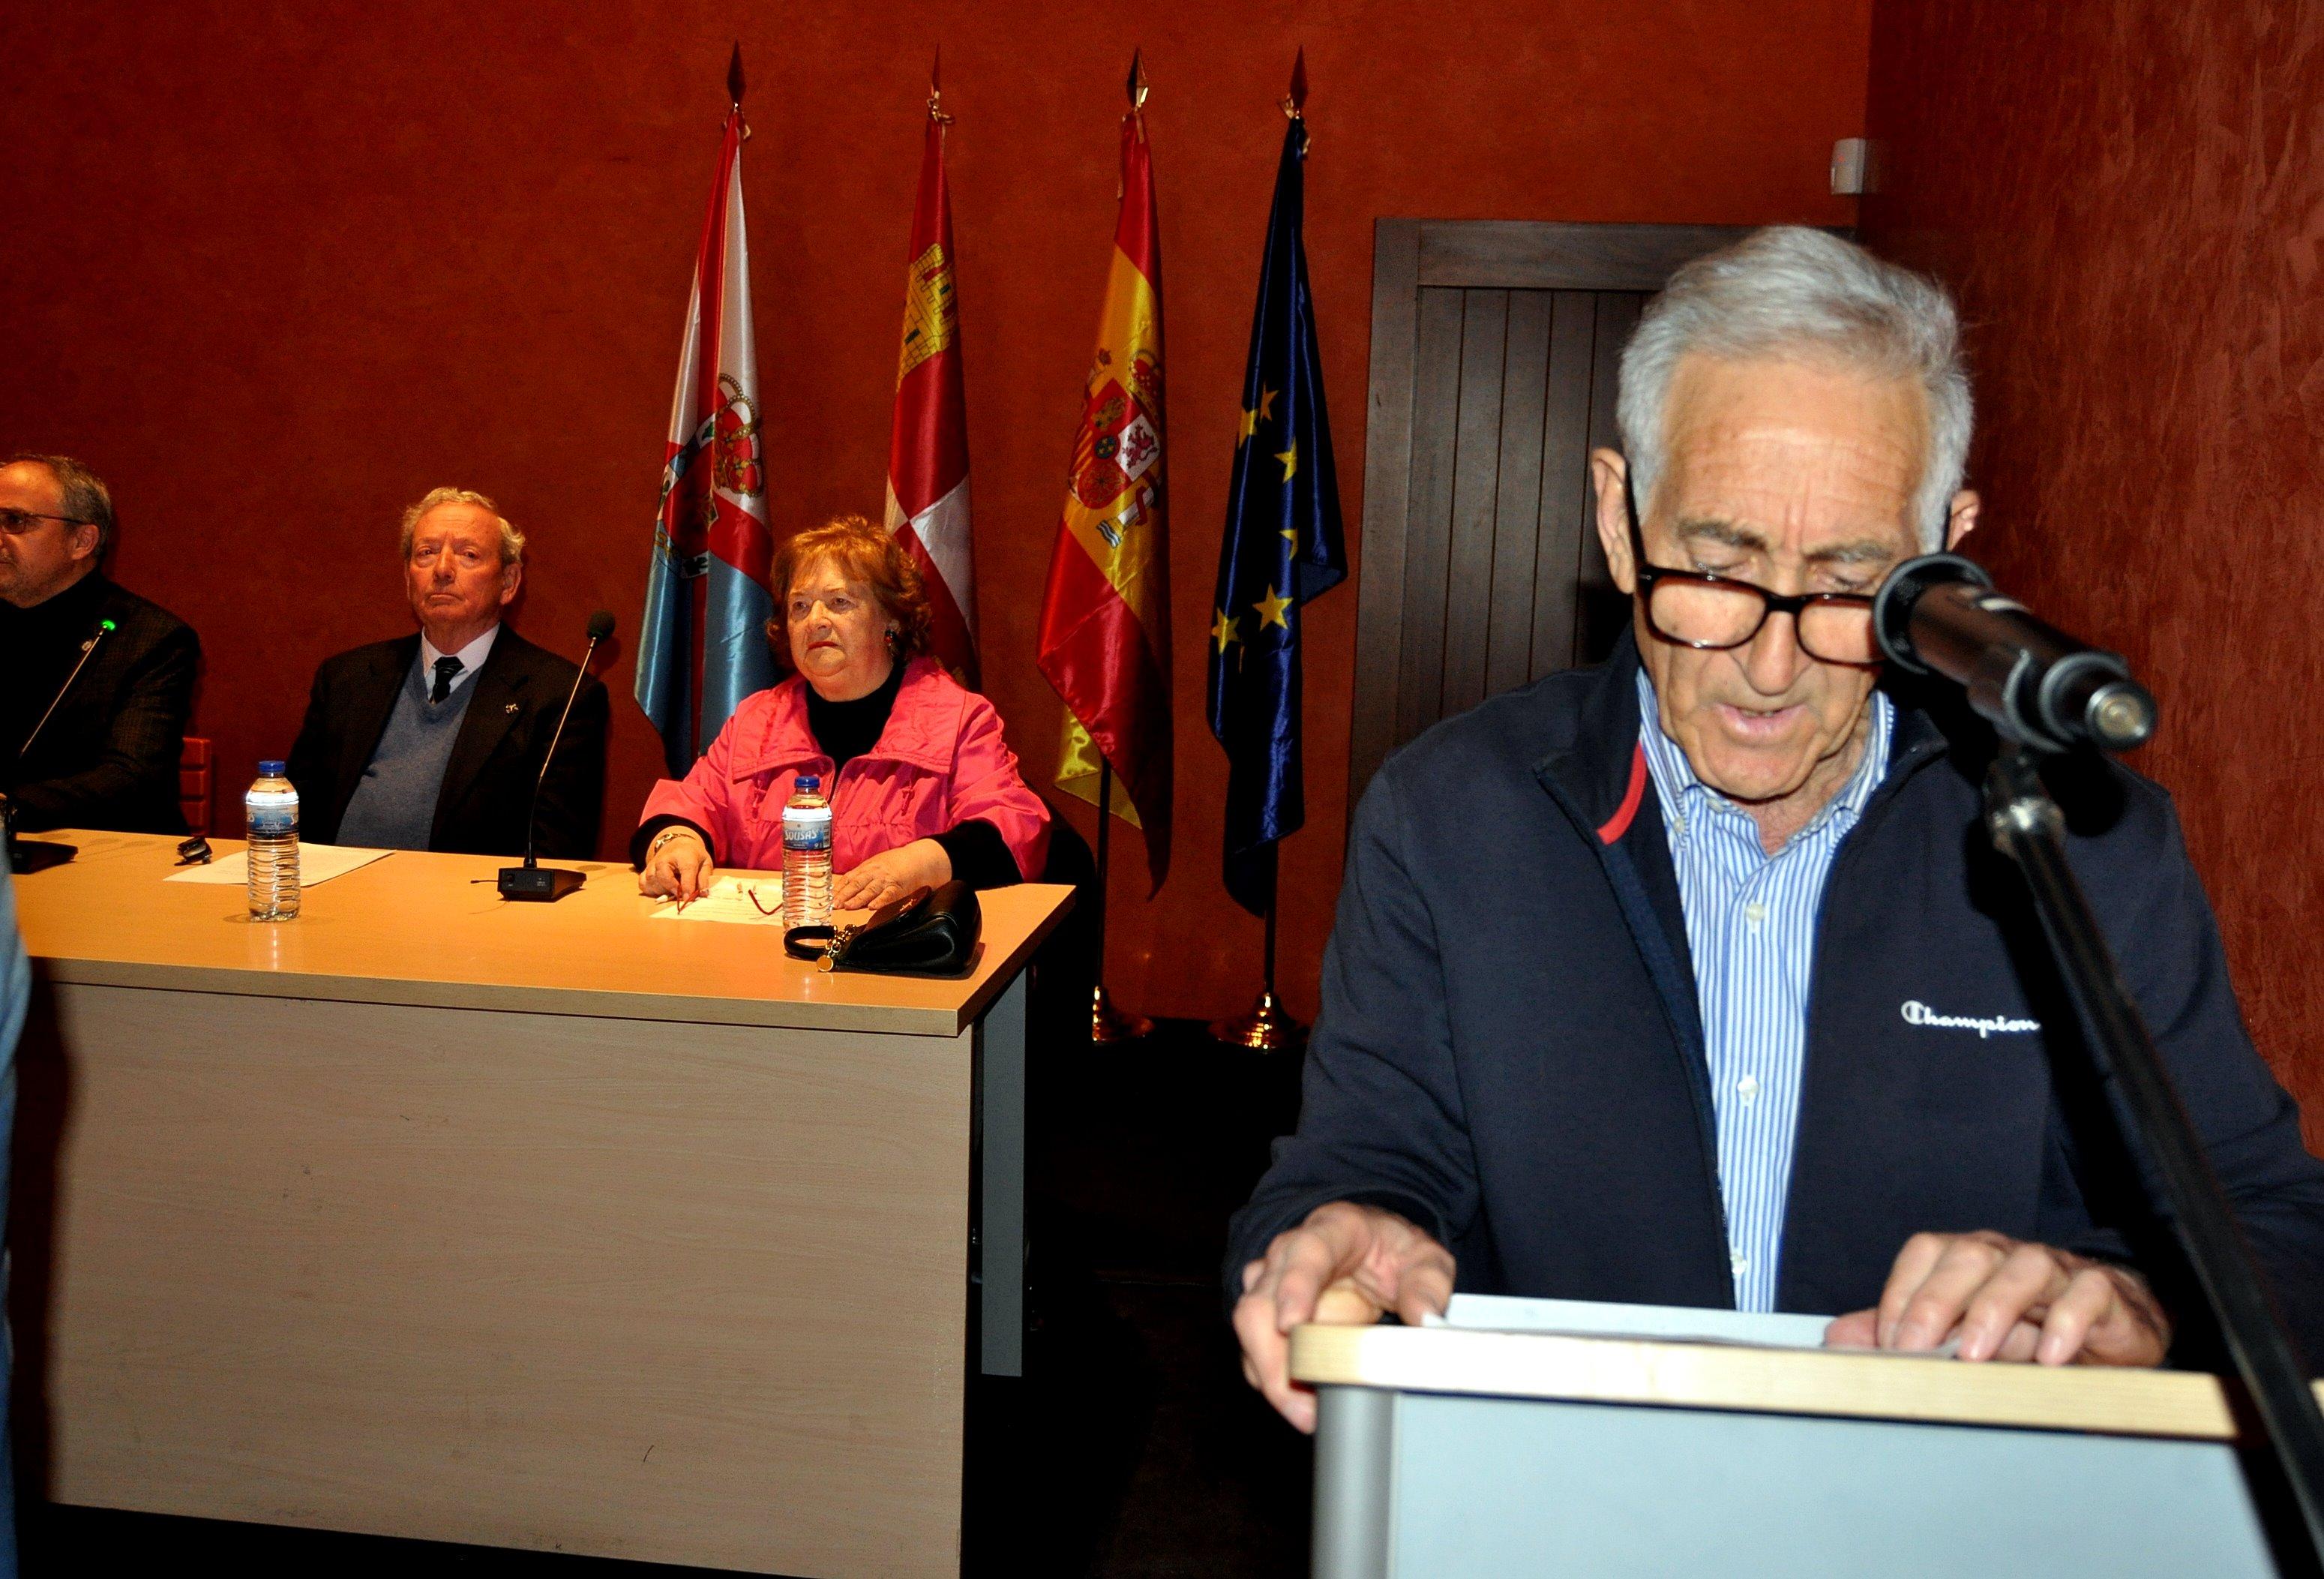 Miguel Amigo, socio de Promonumenta en Ponderrada, presenta el acto.